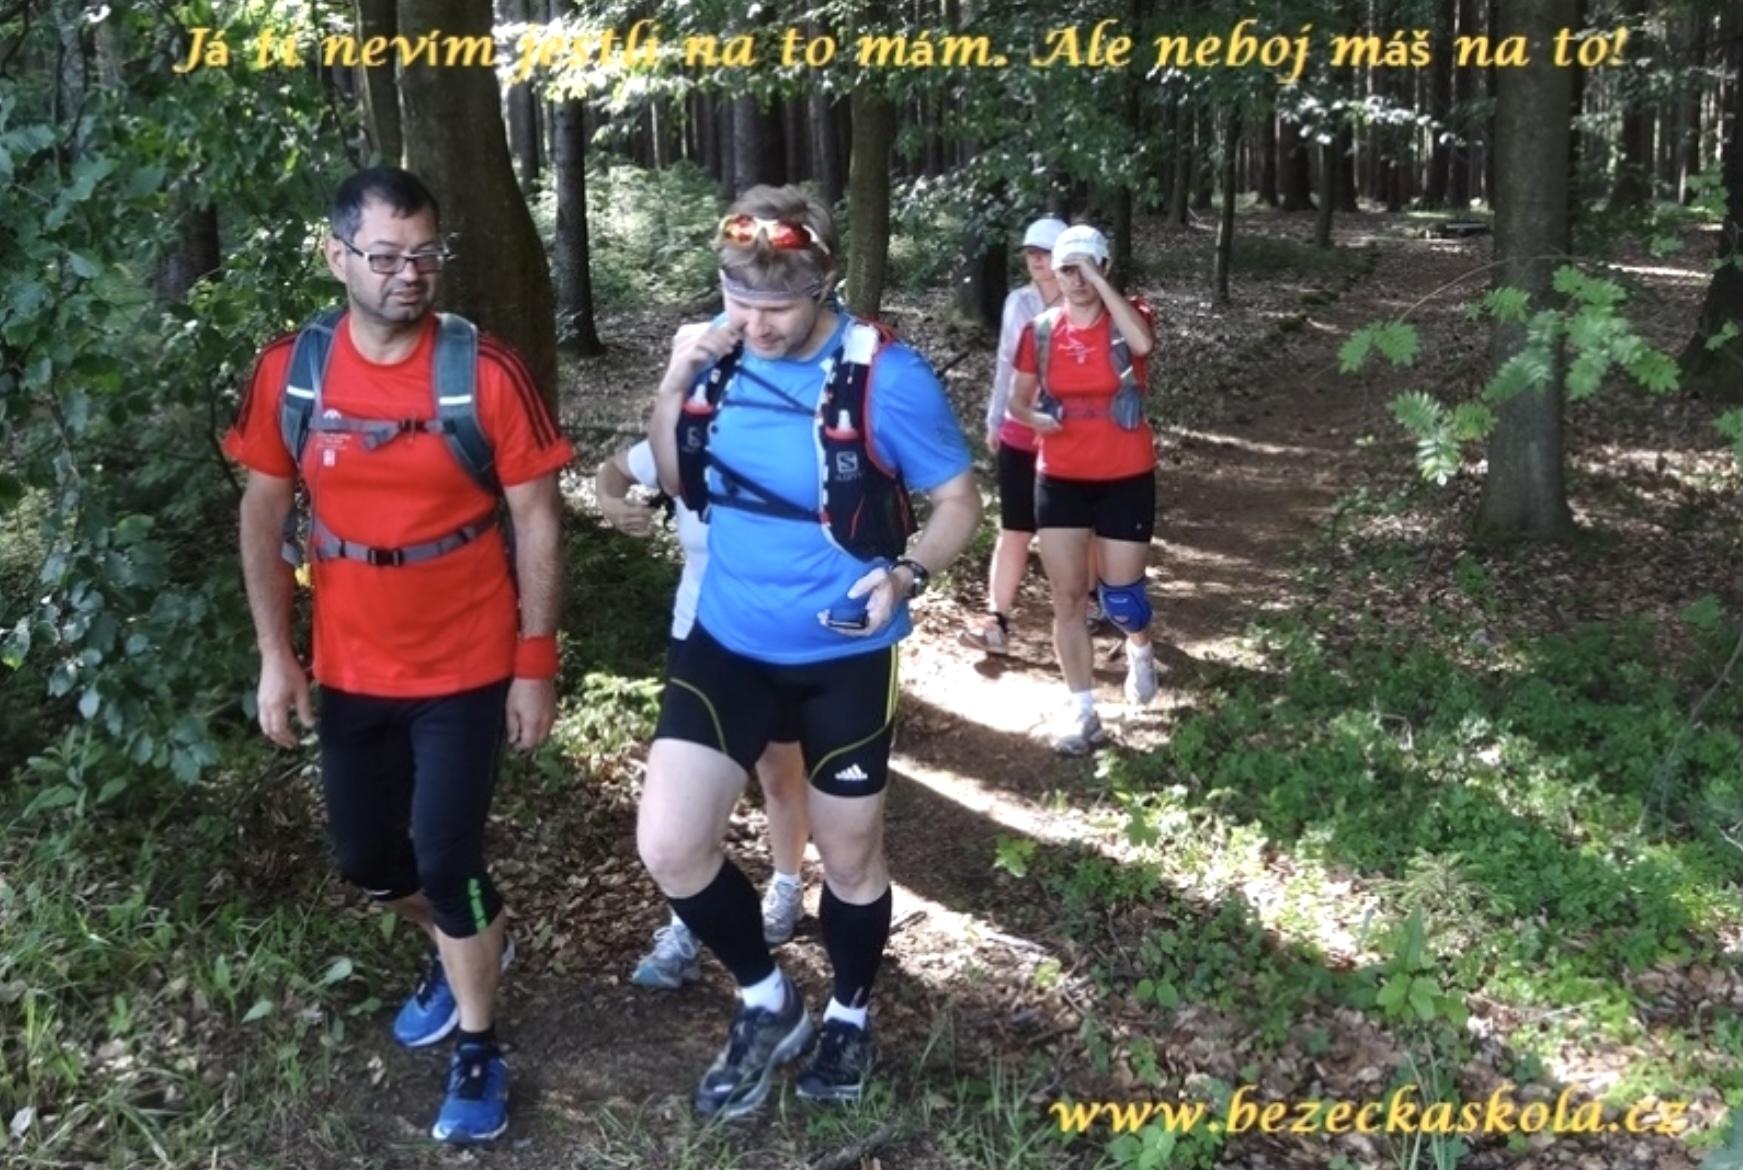 Jaké jsou vaše silné či slabé běžecké stránky